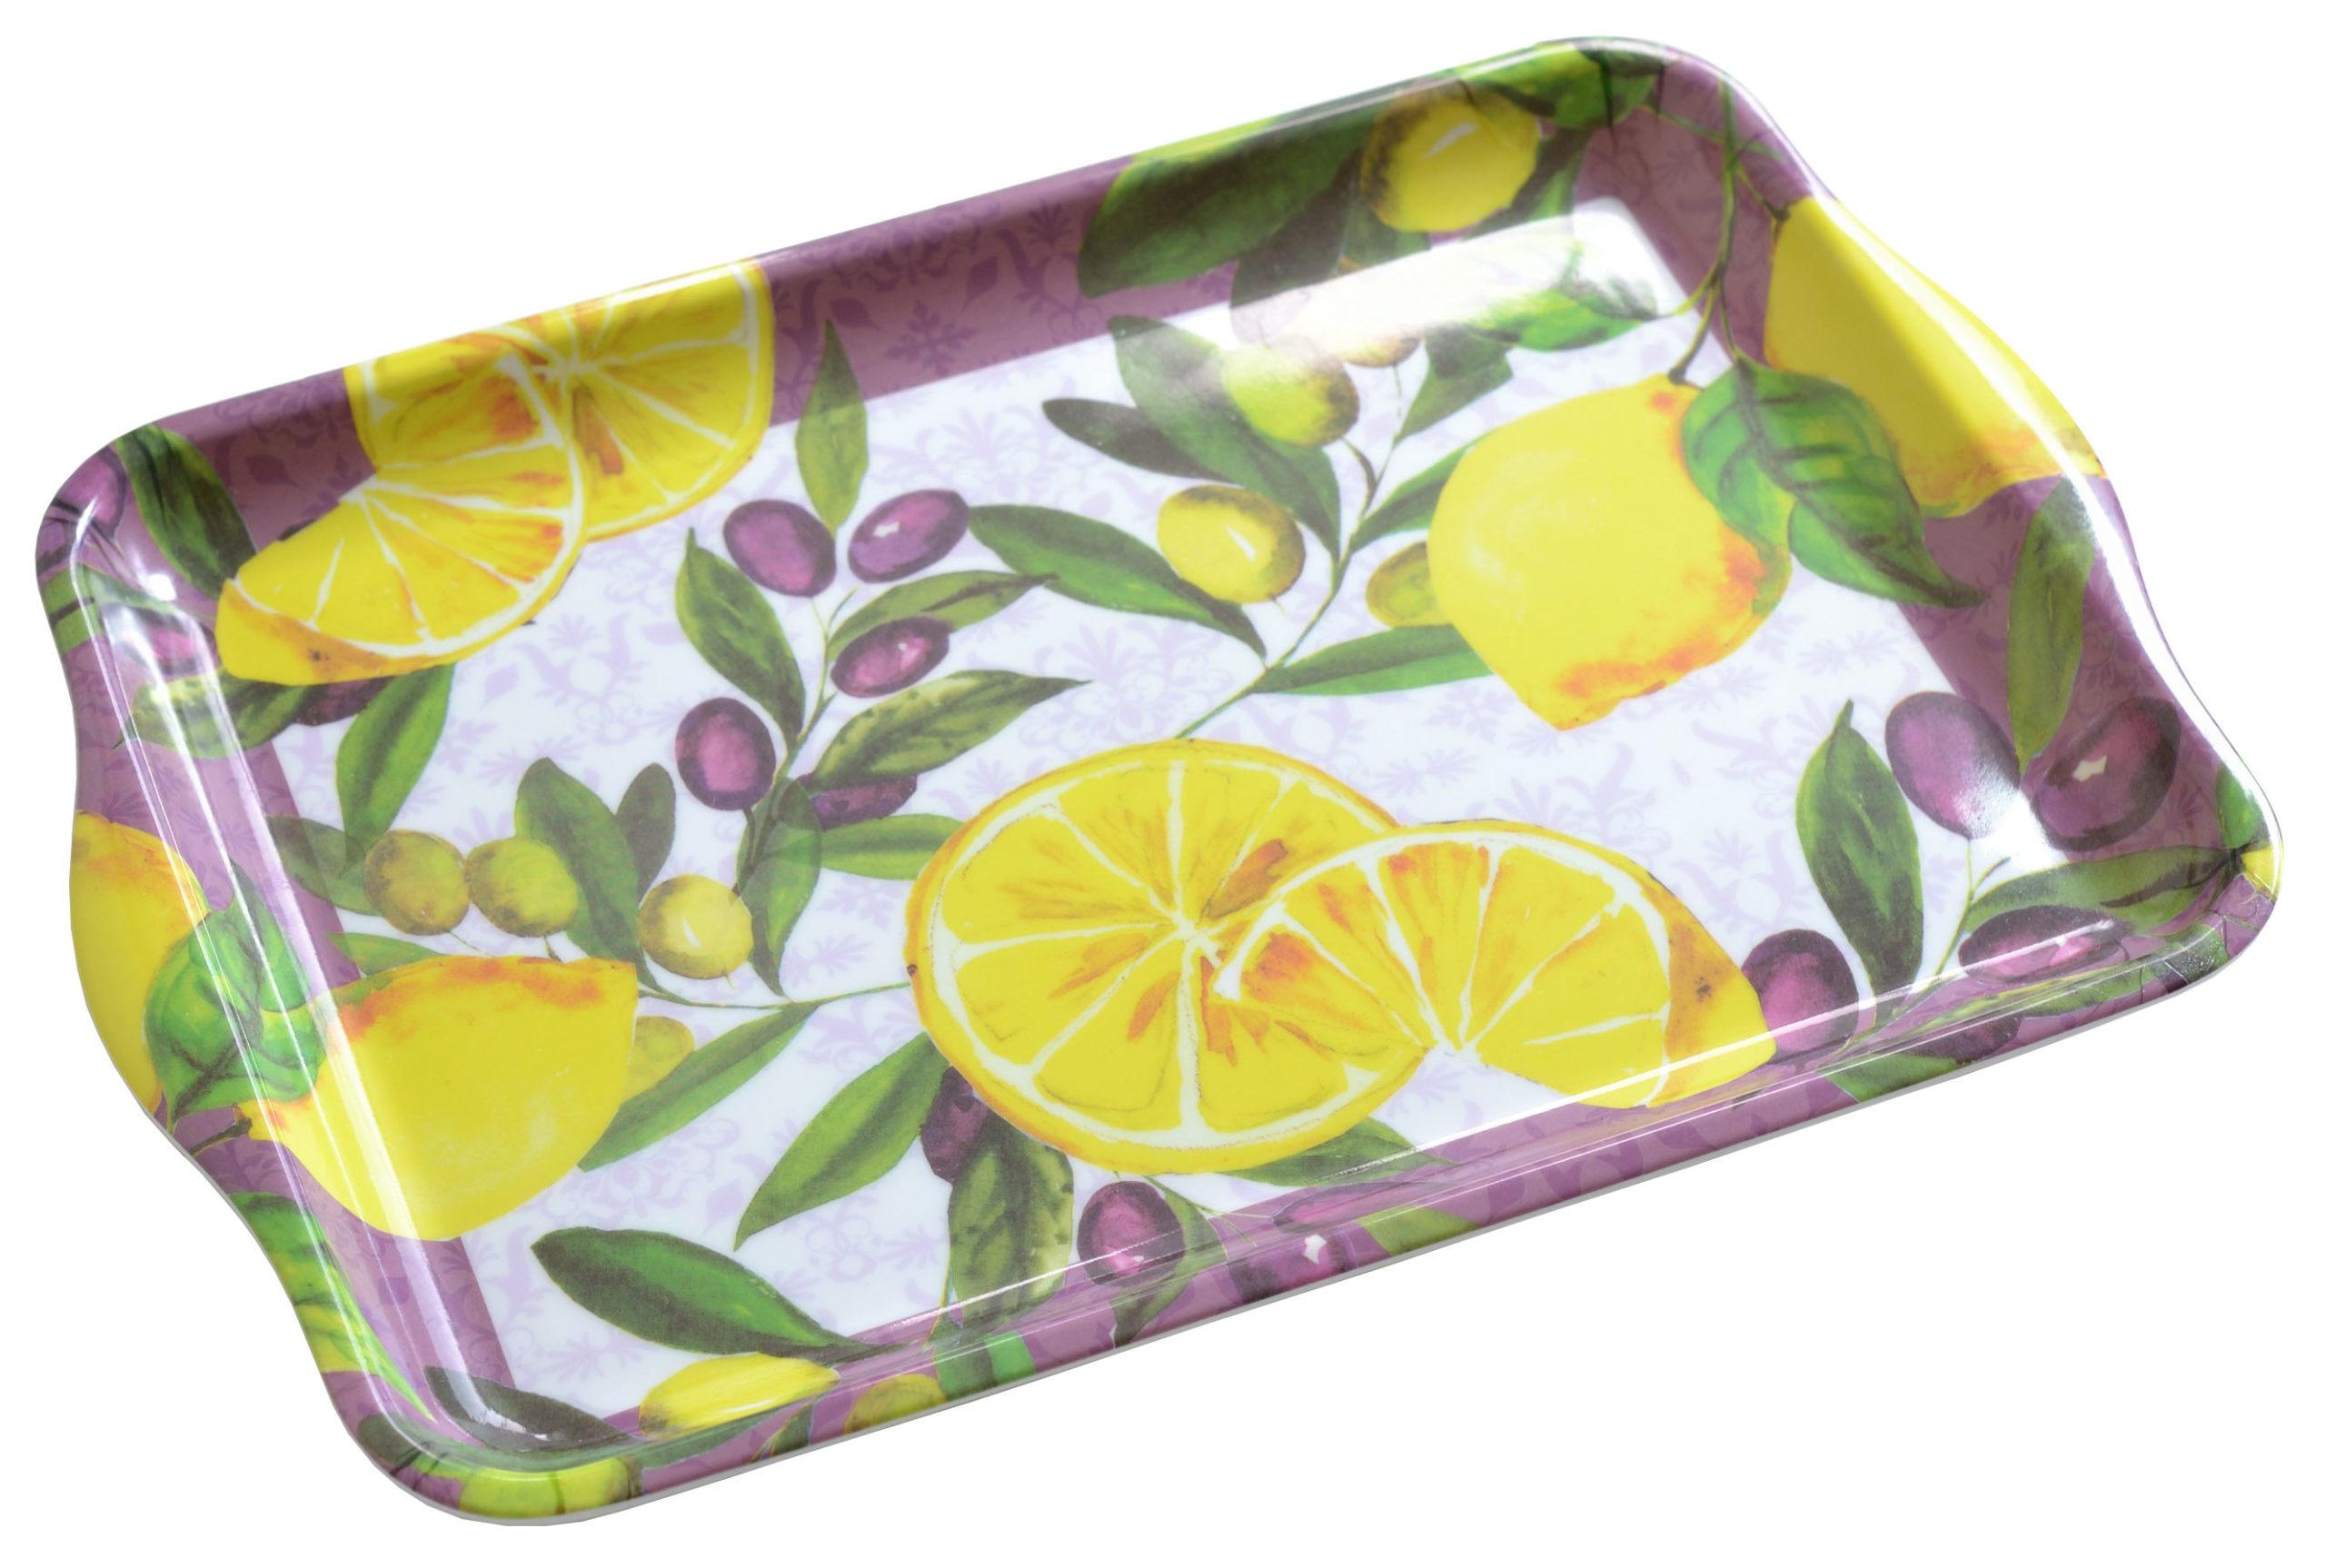 メラミンキッチン トレーS レモン <br>No.57531